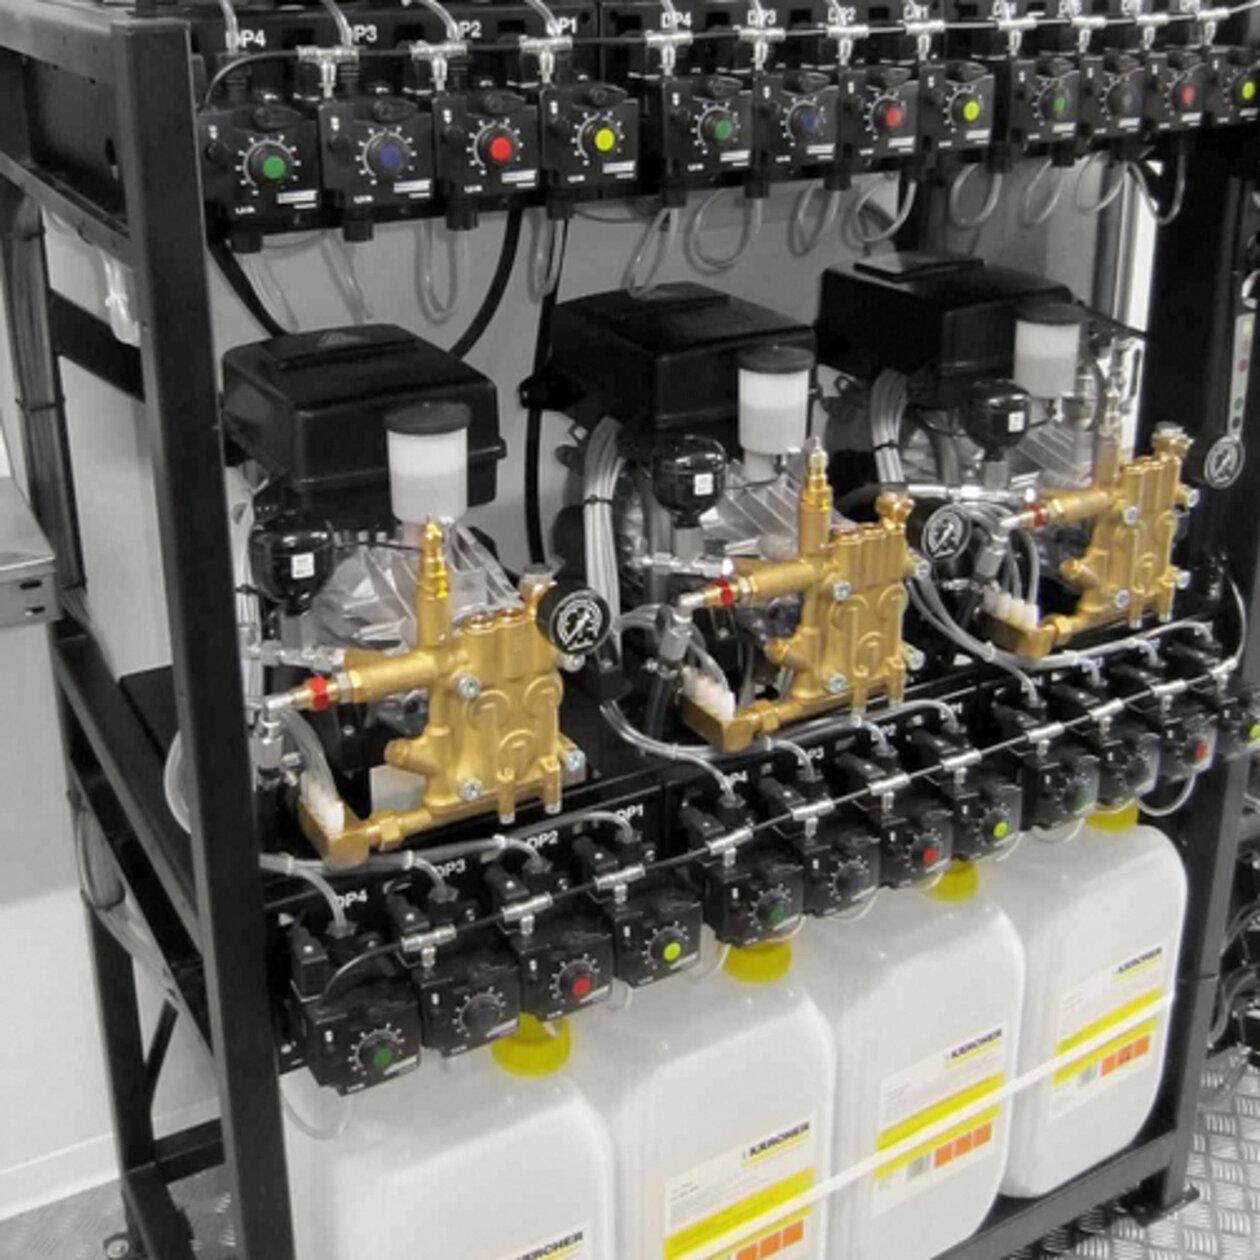 SB (önkiszolgáló) magasnyomású mosó SB Wash MU: A szivattyúmodulok gyárilag előre össze vannak szerelve.